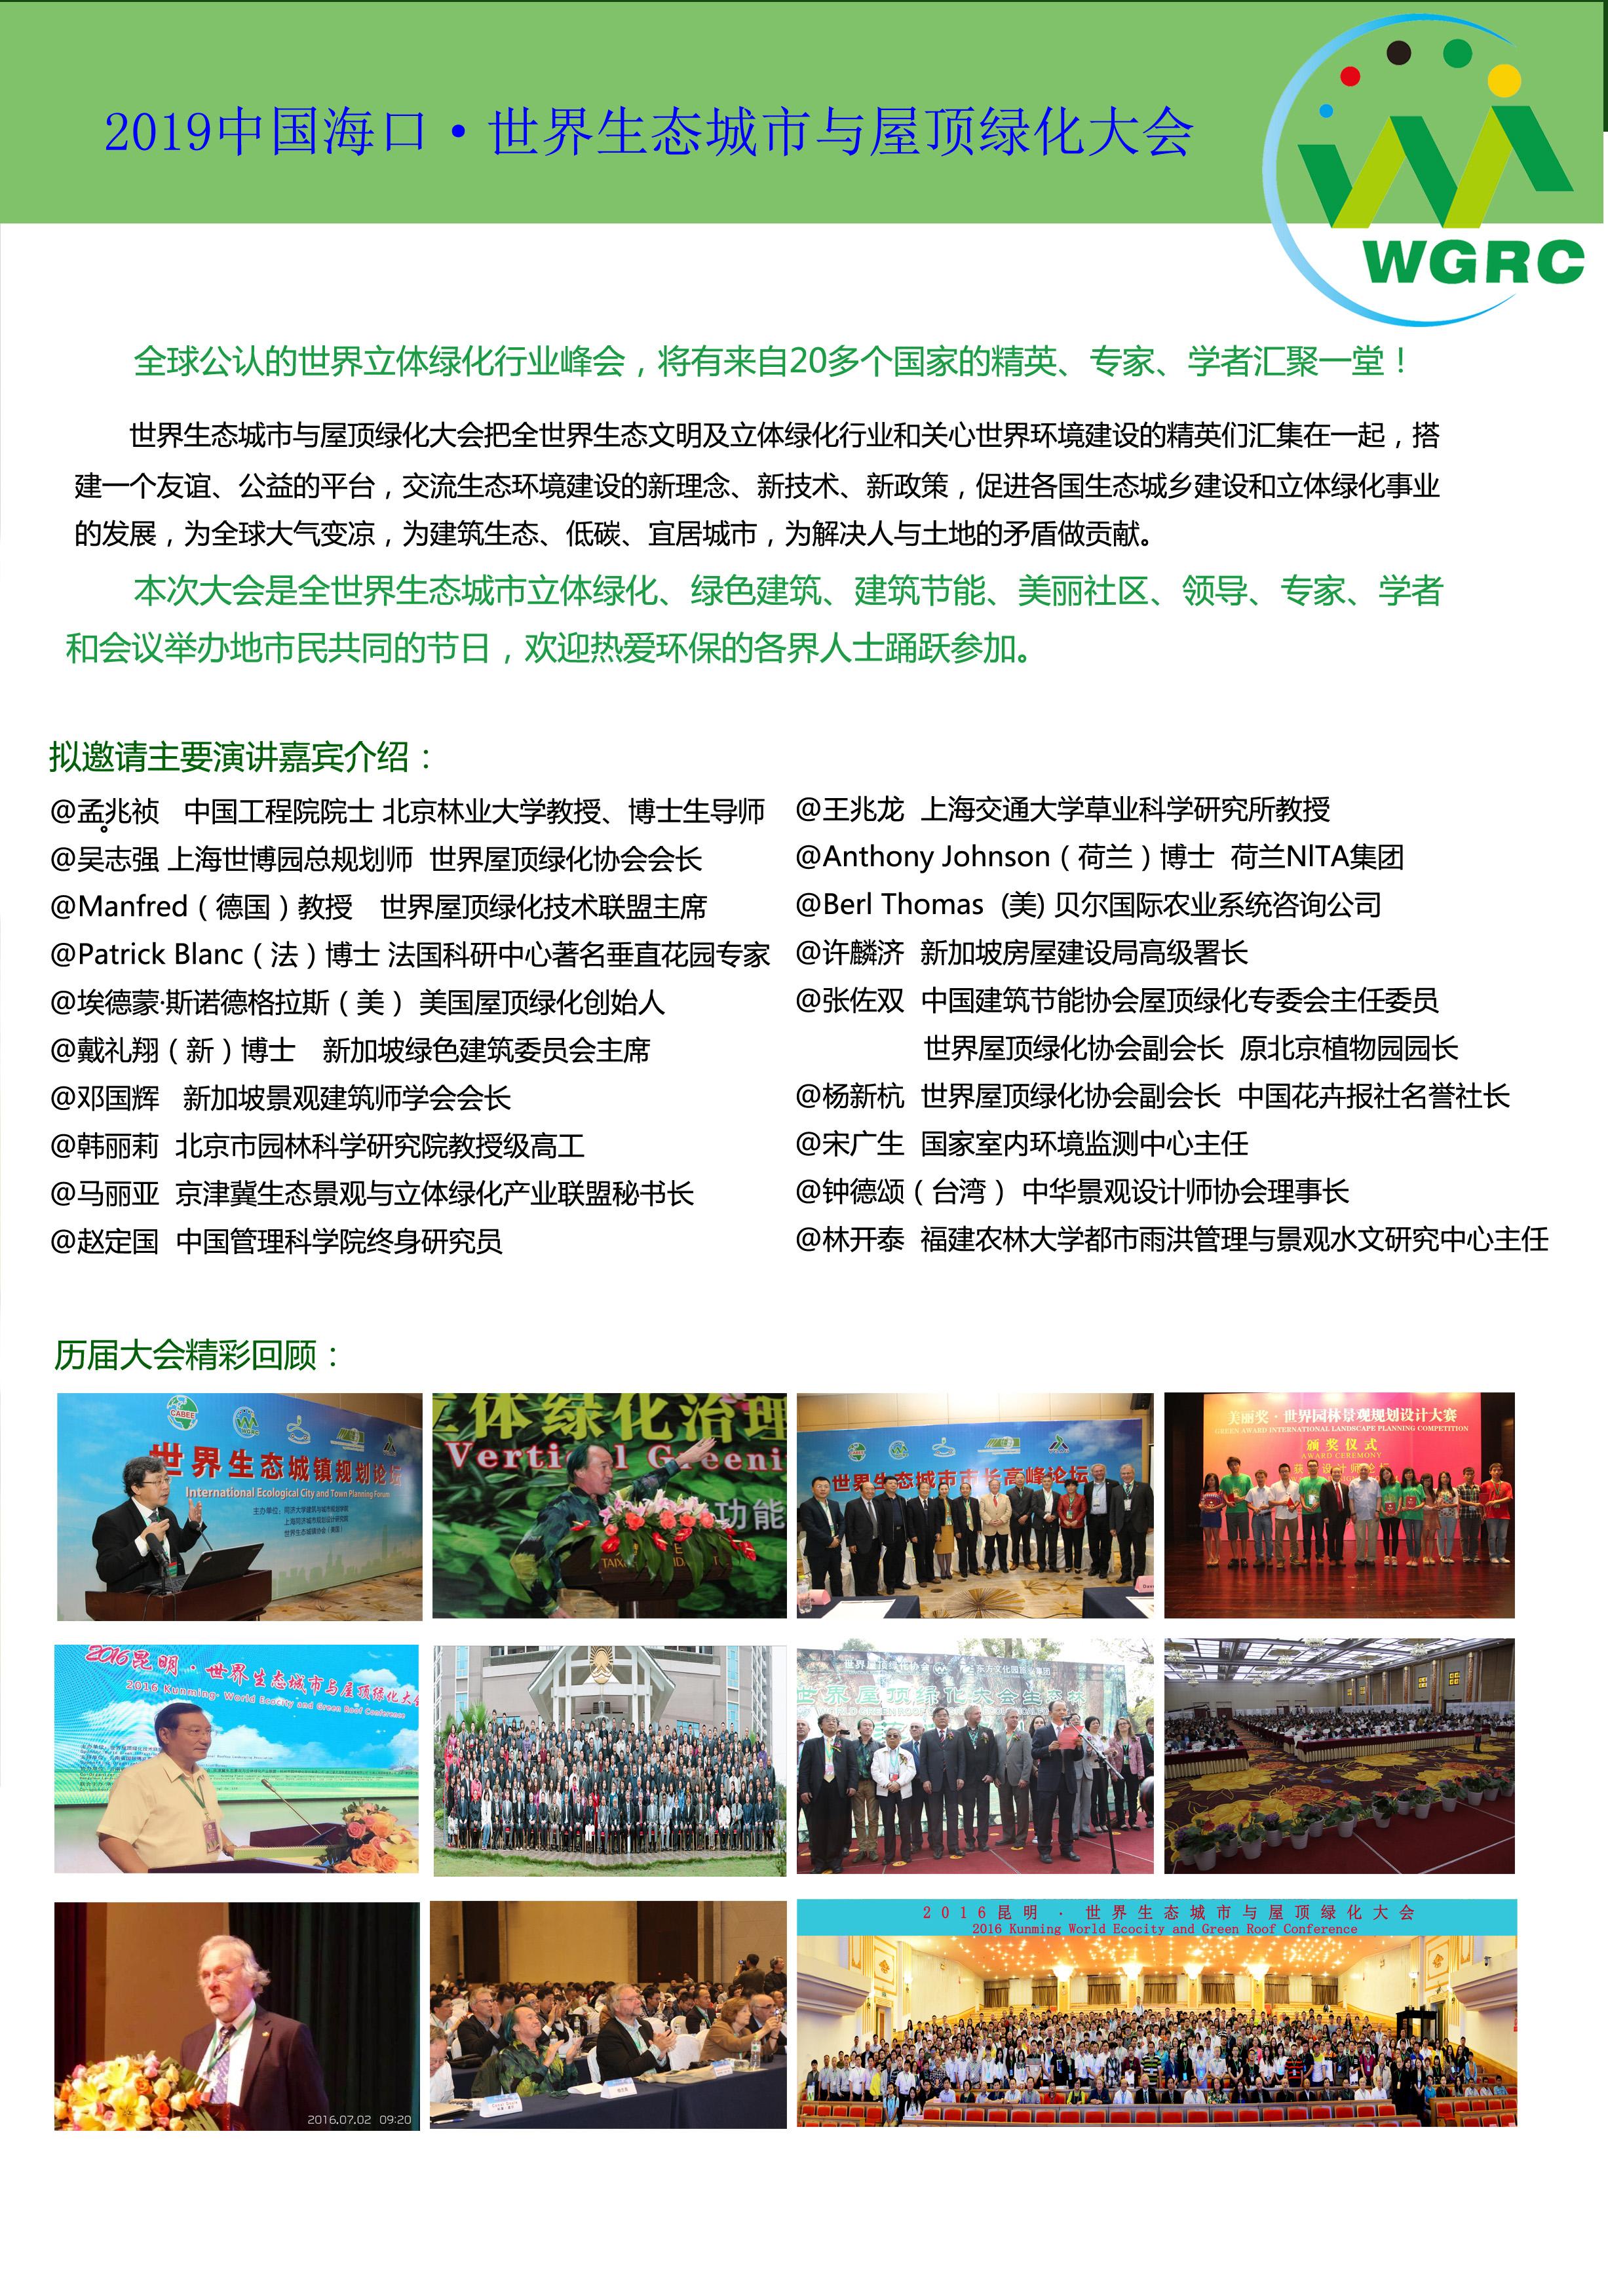 2019中國??凇さ谄邔檬澜缟鷳B城市與屋頂綠化大會